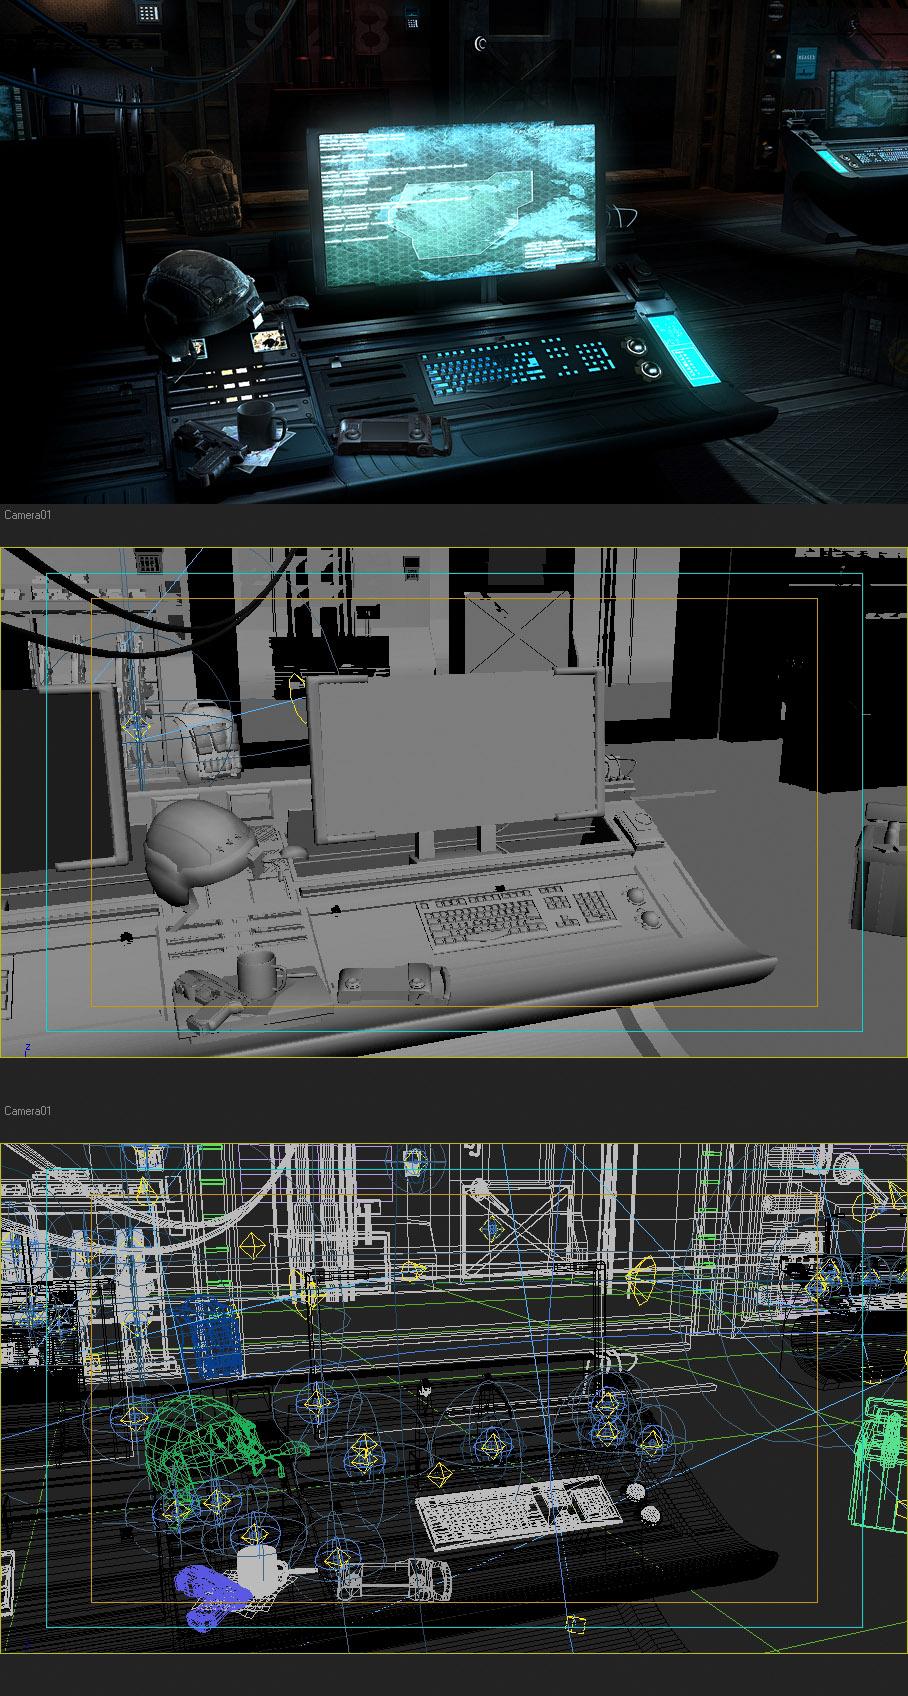 consoleSpread.jpg